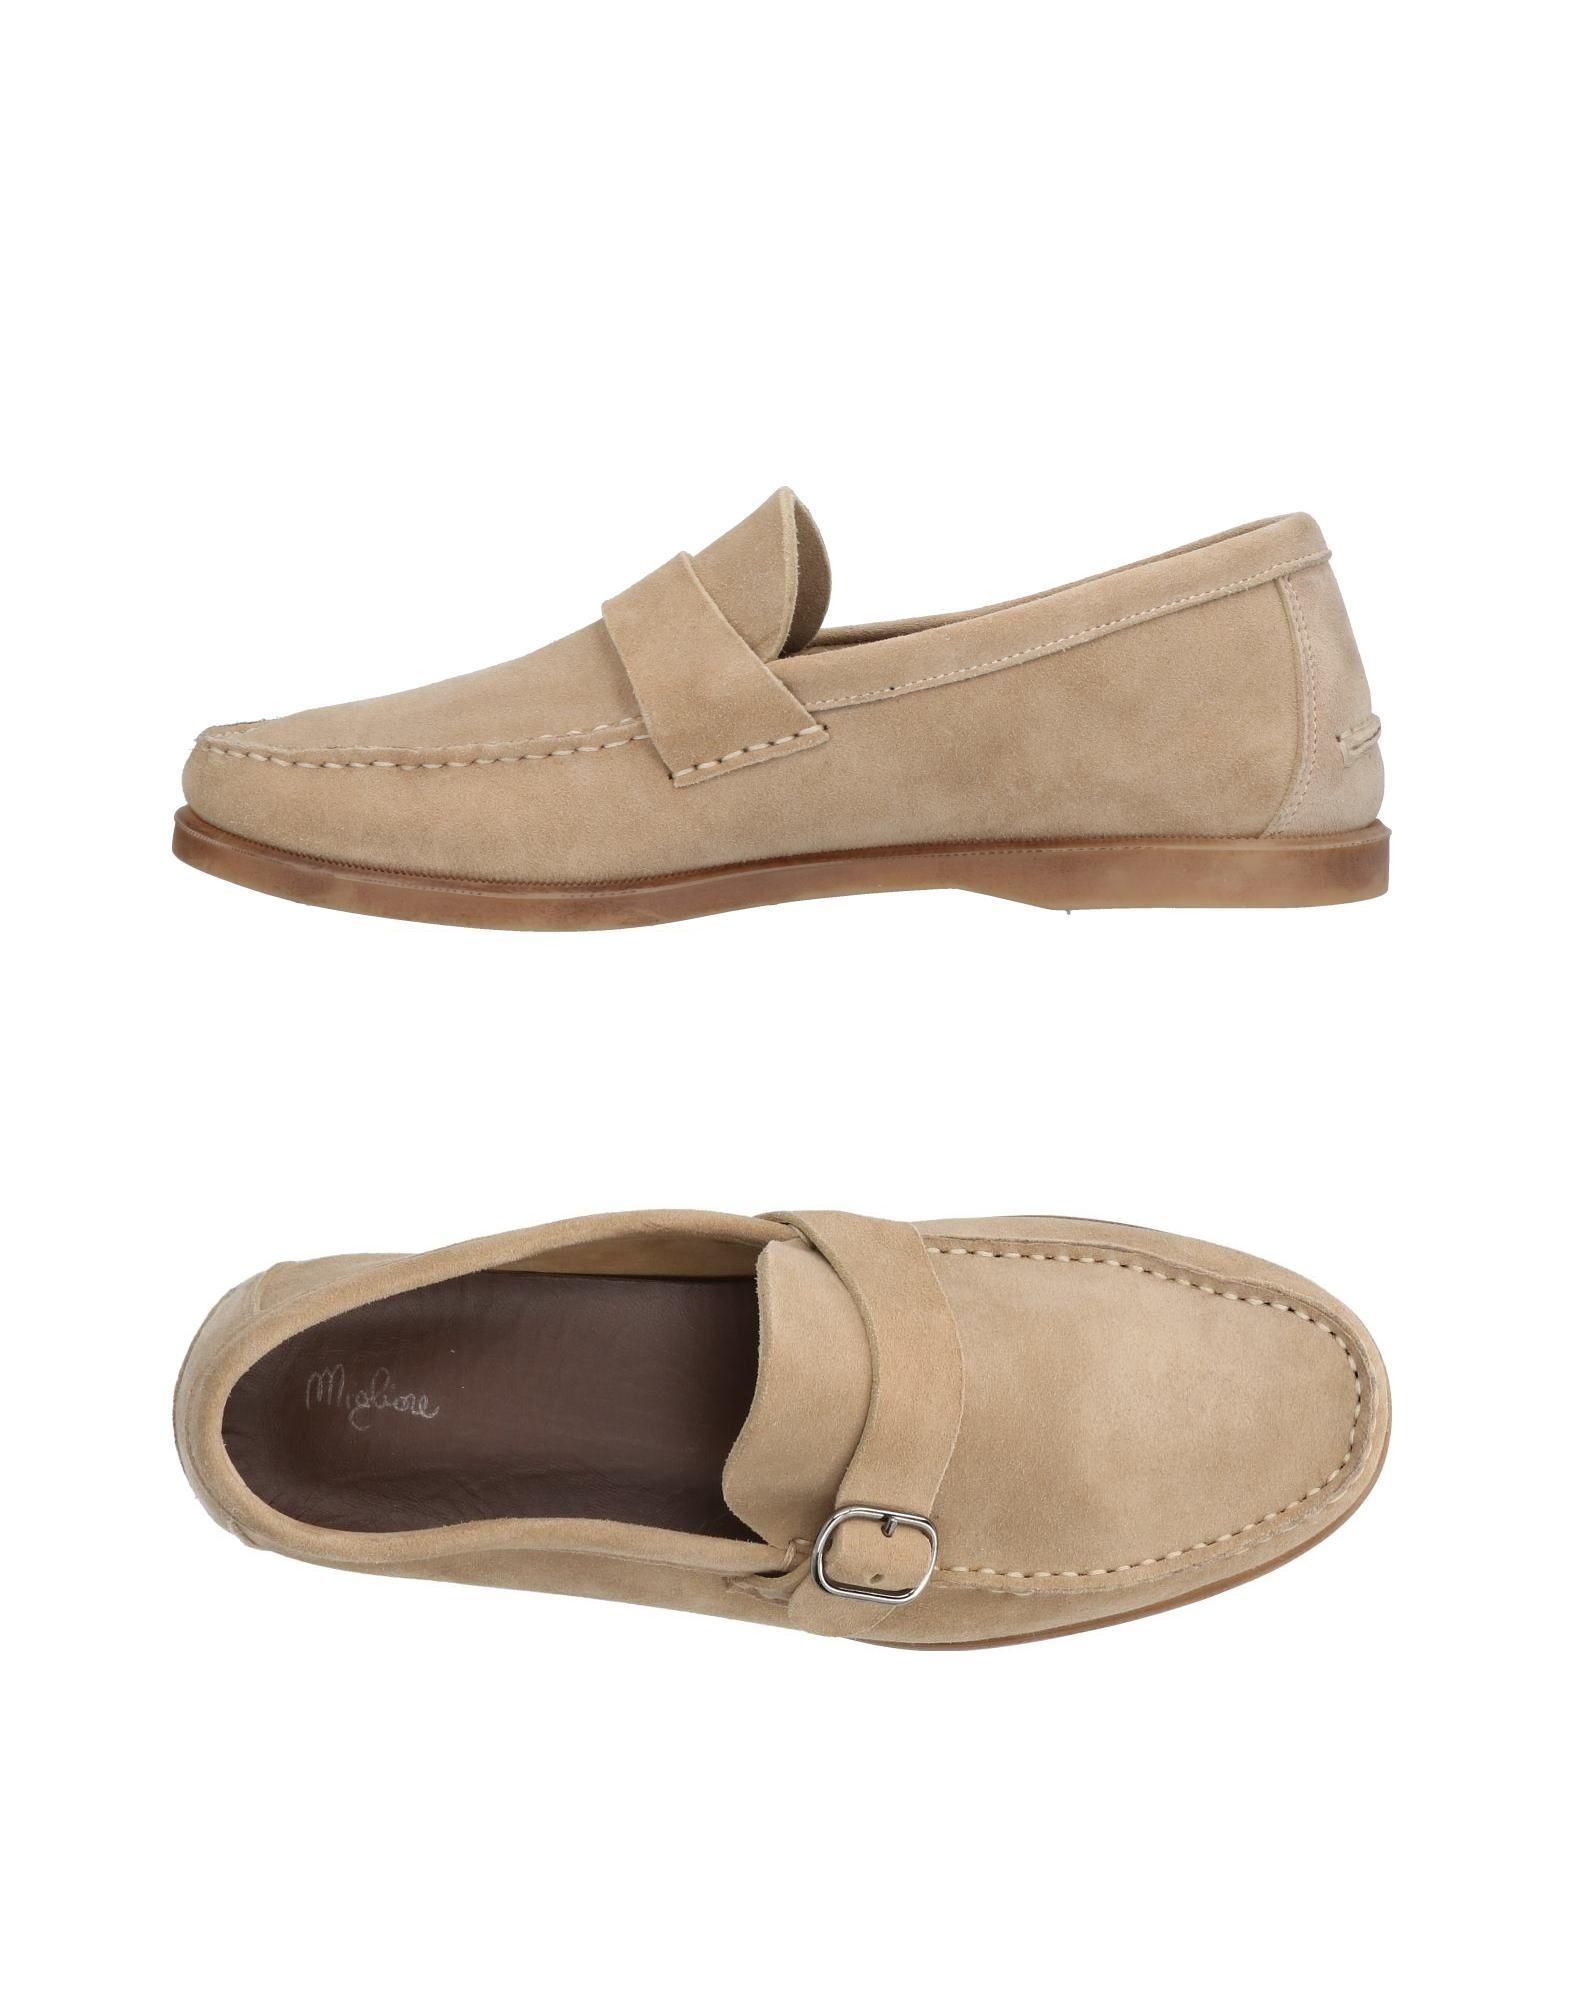 Migliore Mokassins Herren  11379016BW Heiße Schuhe